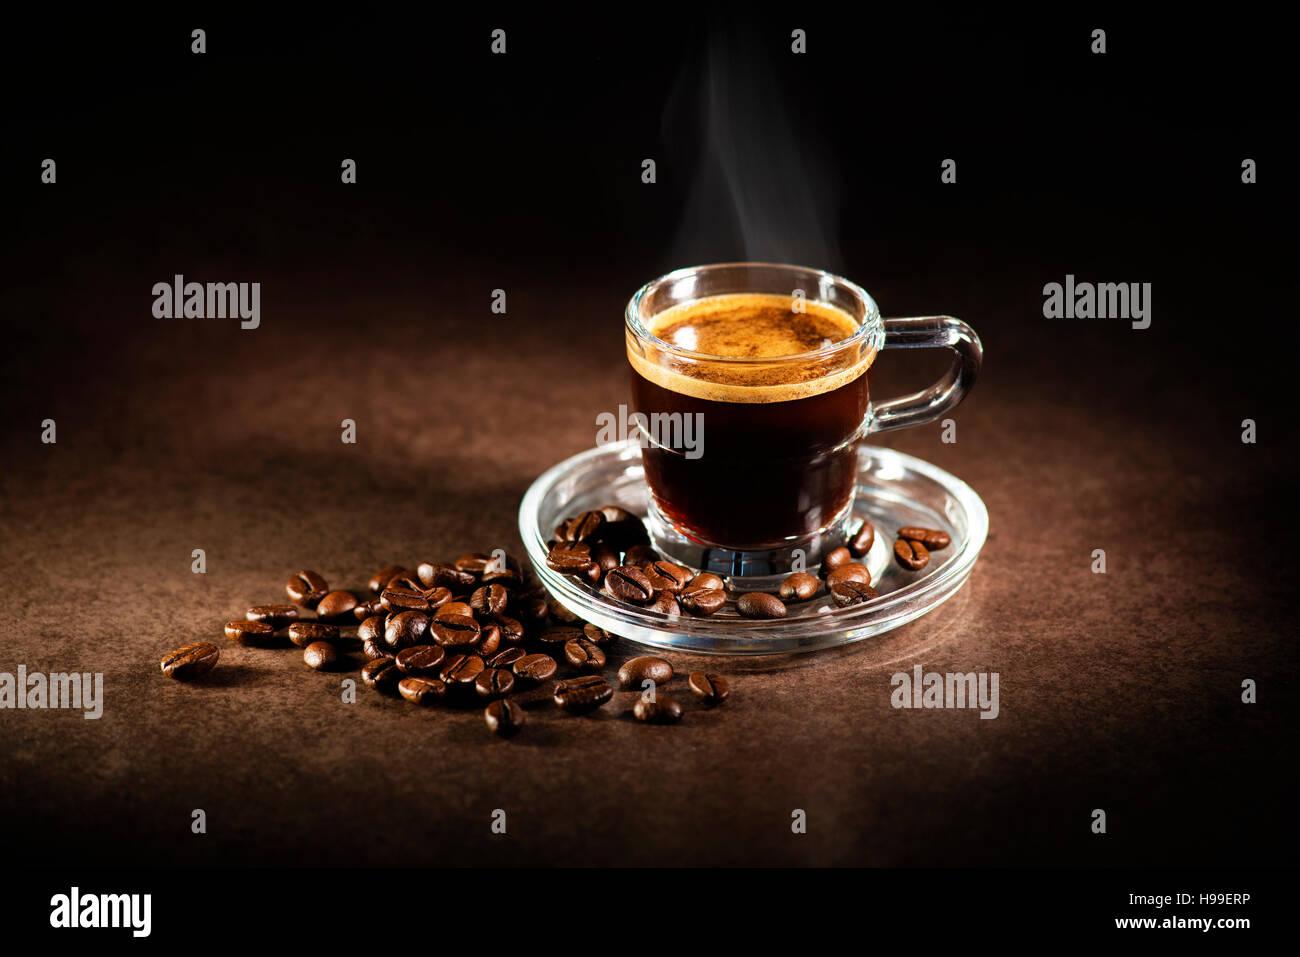 Tasse Espresso-Kaffeemaschine auf dunklem Hintergrund. Stockbild